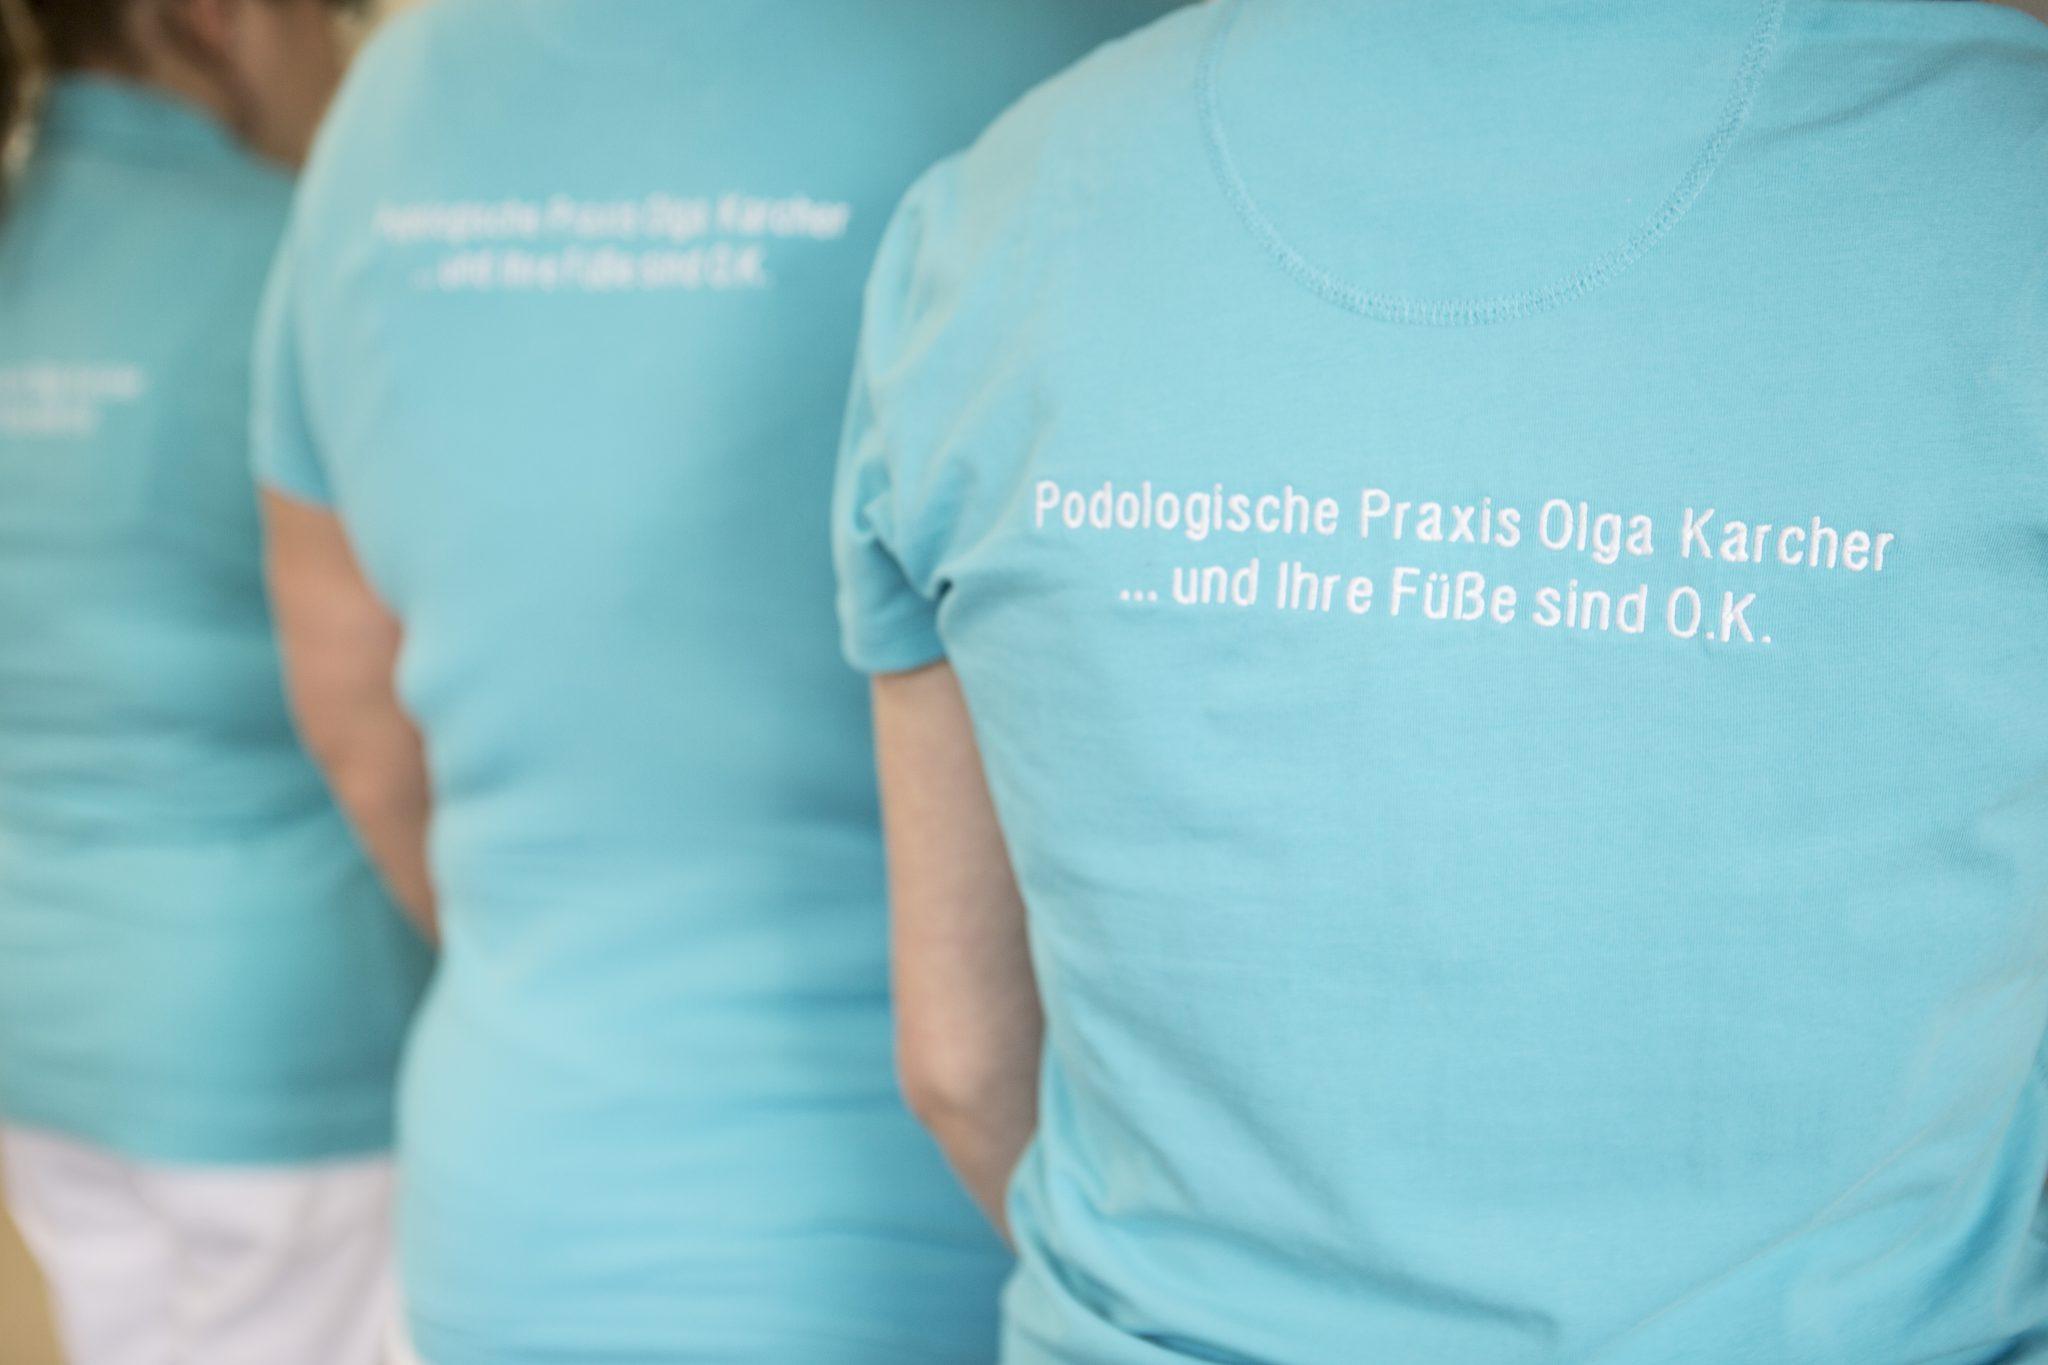 Podologische Praxis Olga Karcher Löhne, das Team